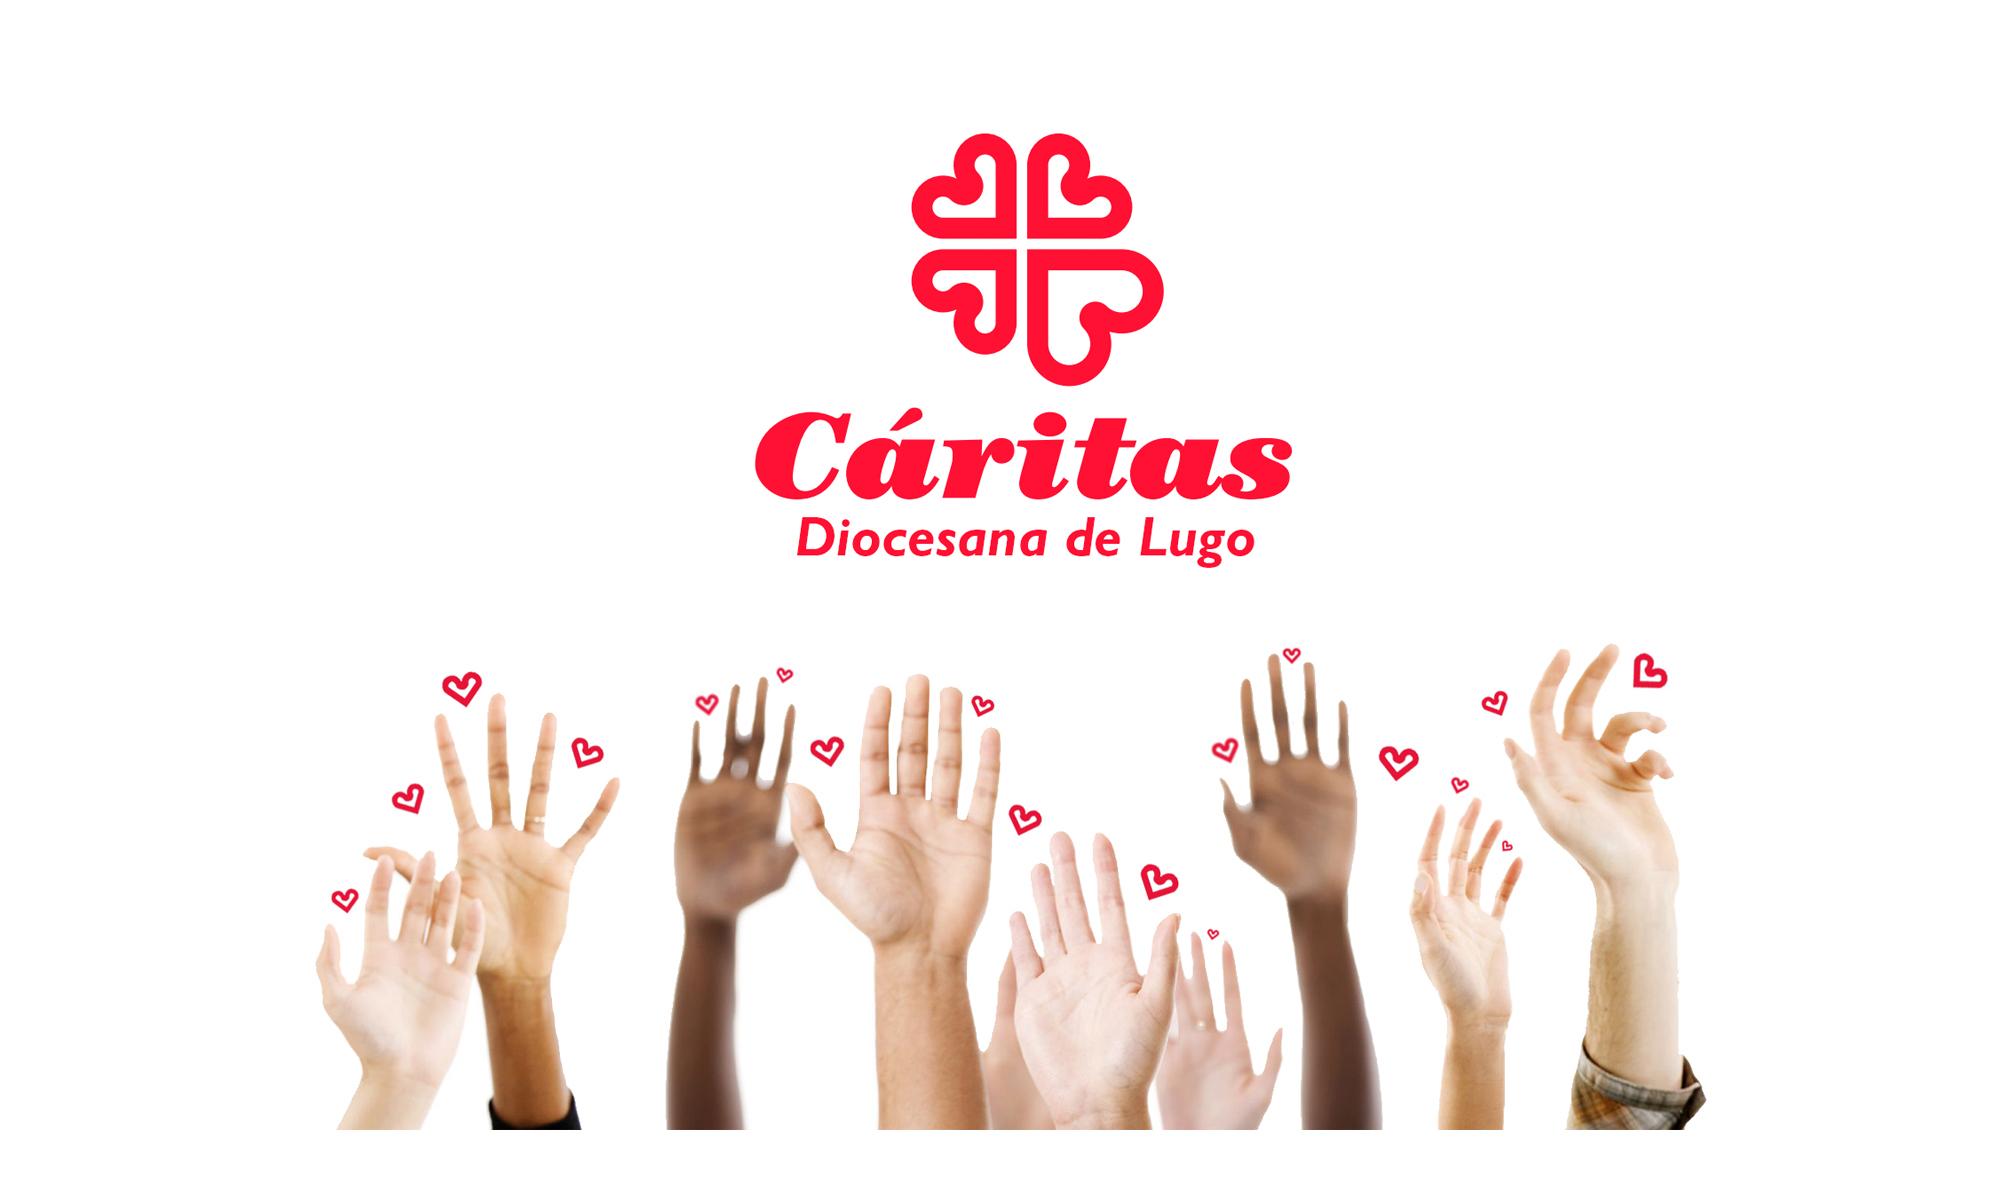 Cáritas Diocesana de Lugo